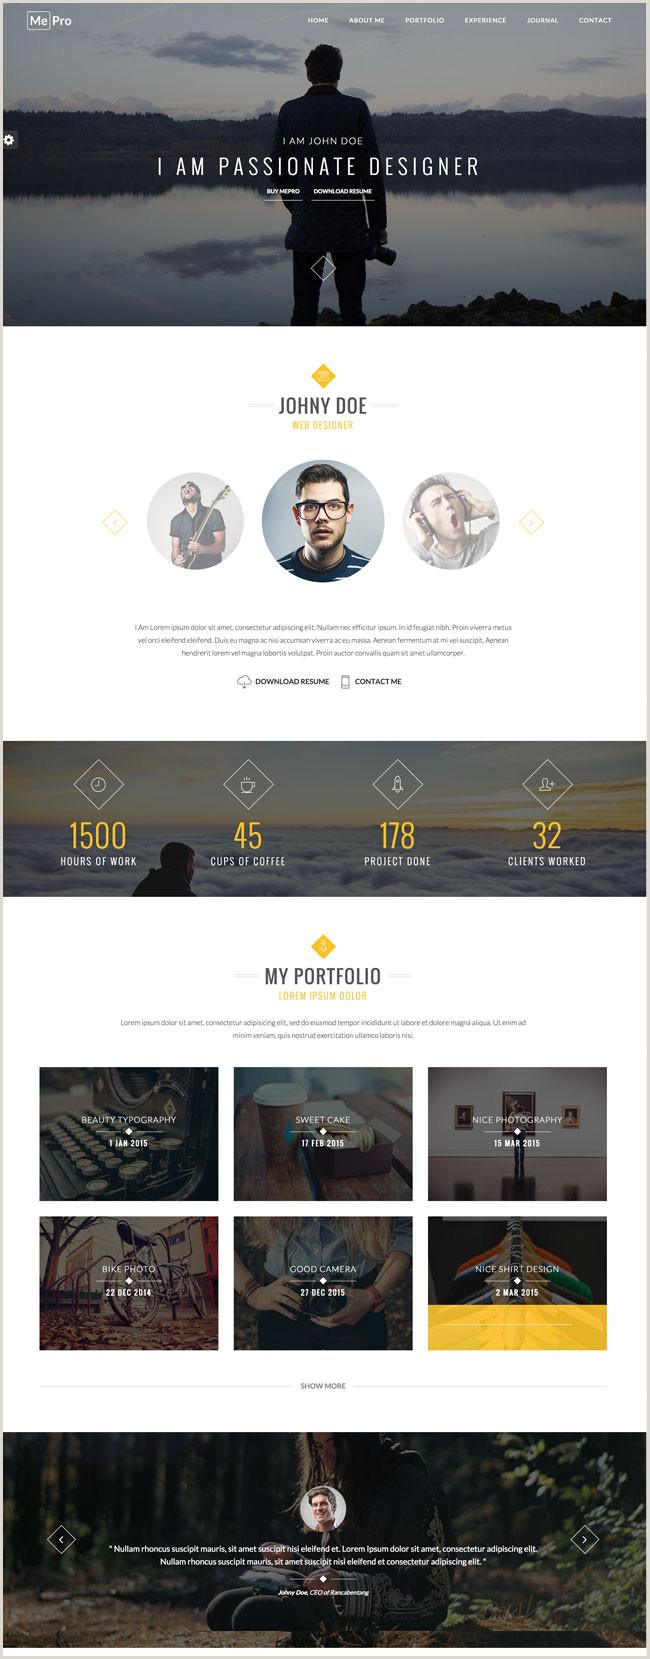 Business Card Website Template 30 Best HTML Virtual Business Card Templates 2016 Designmaz